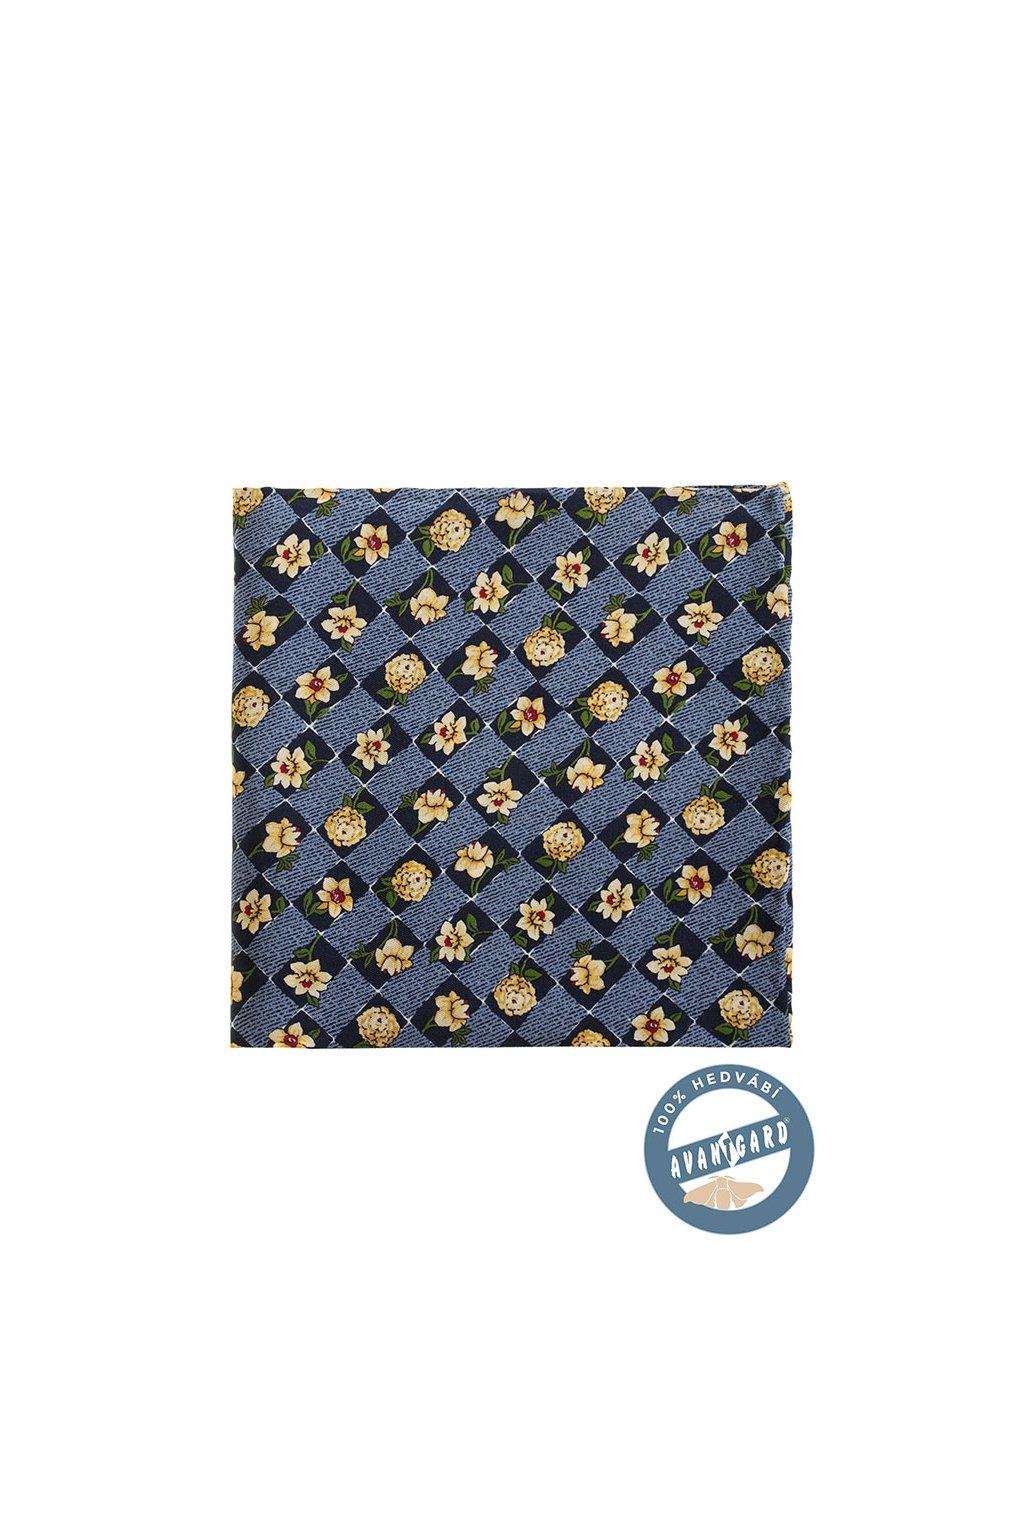 Hedvábný modrý kapesníček do saka s květinami